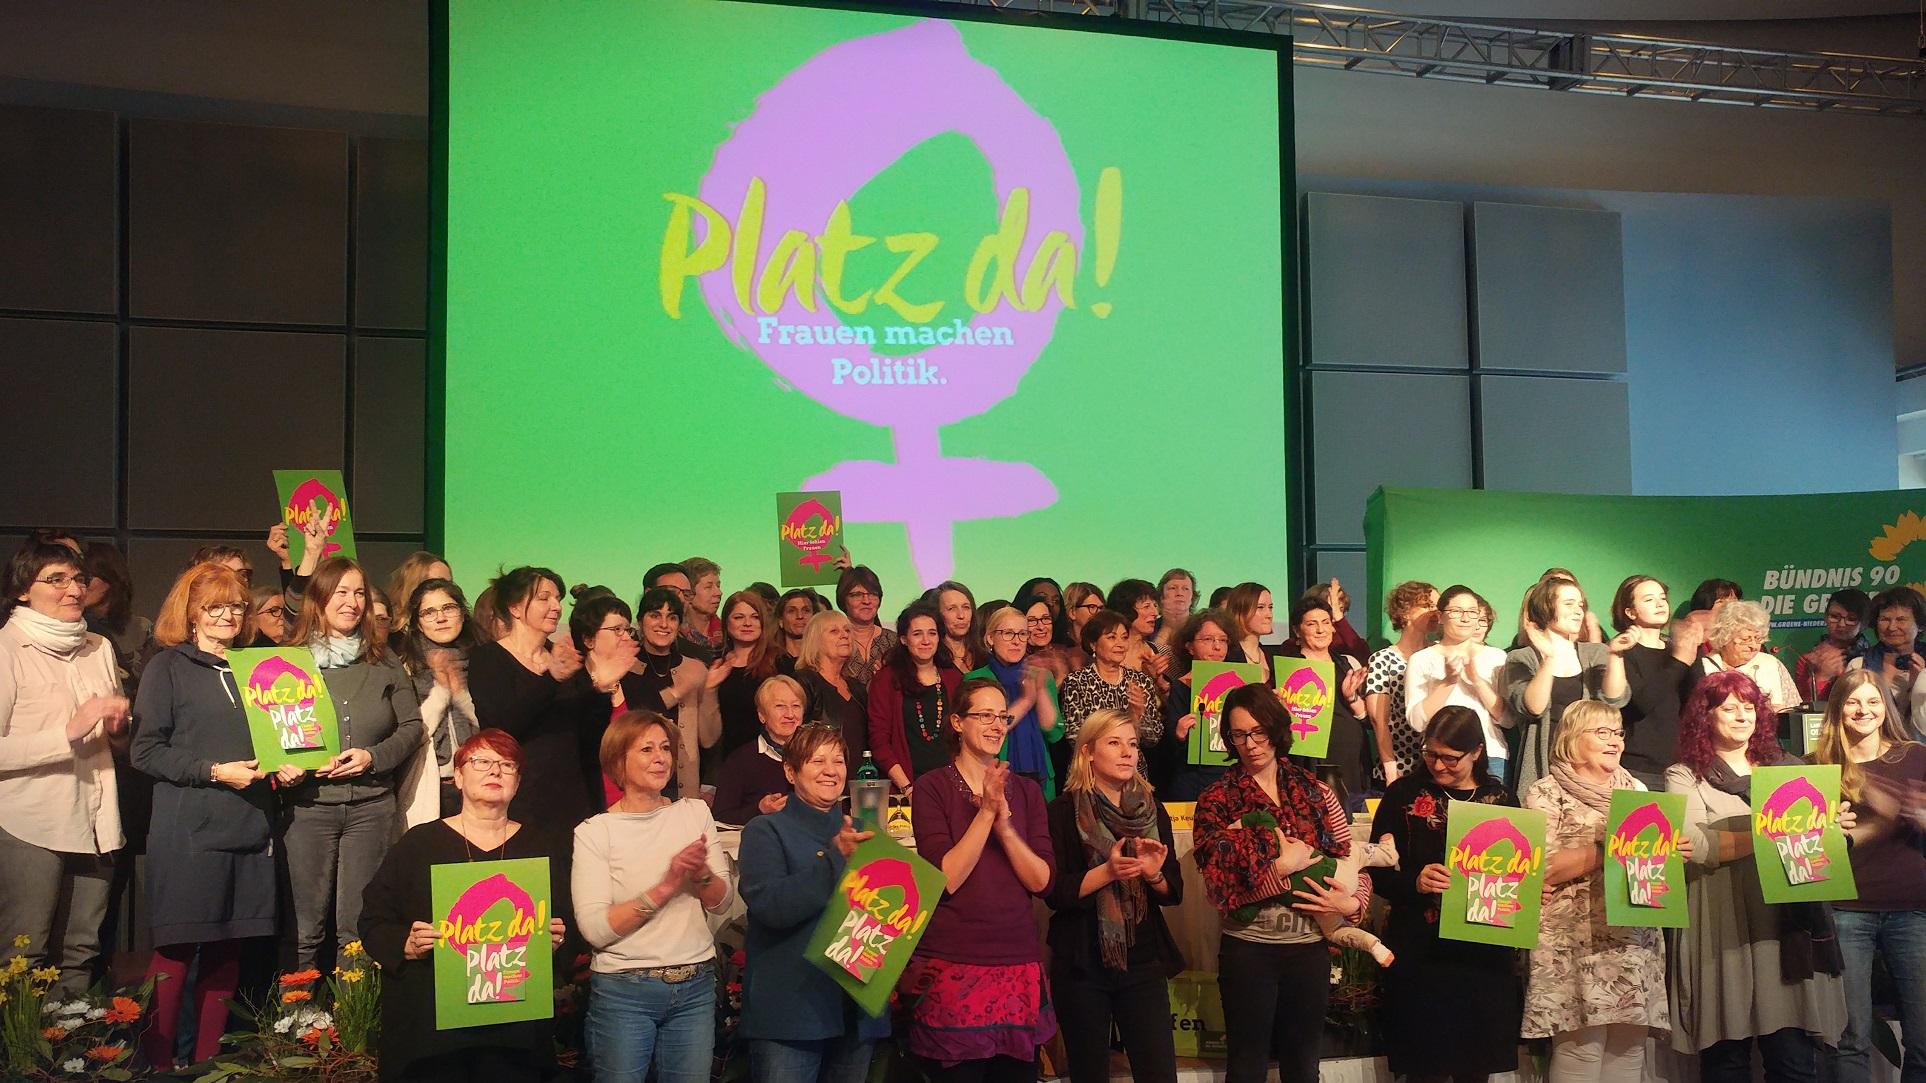 Digitalisierung und Erneuerung: Der grüne Landesparteitag in Oldenburg